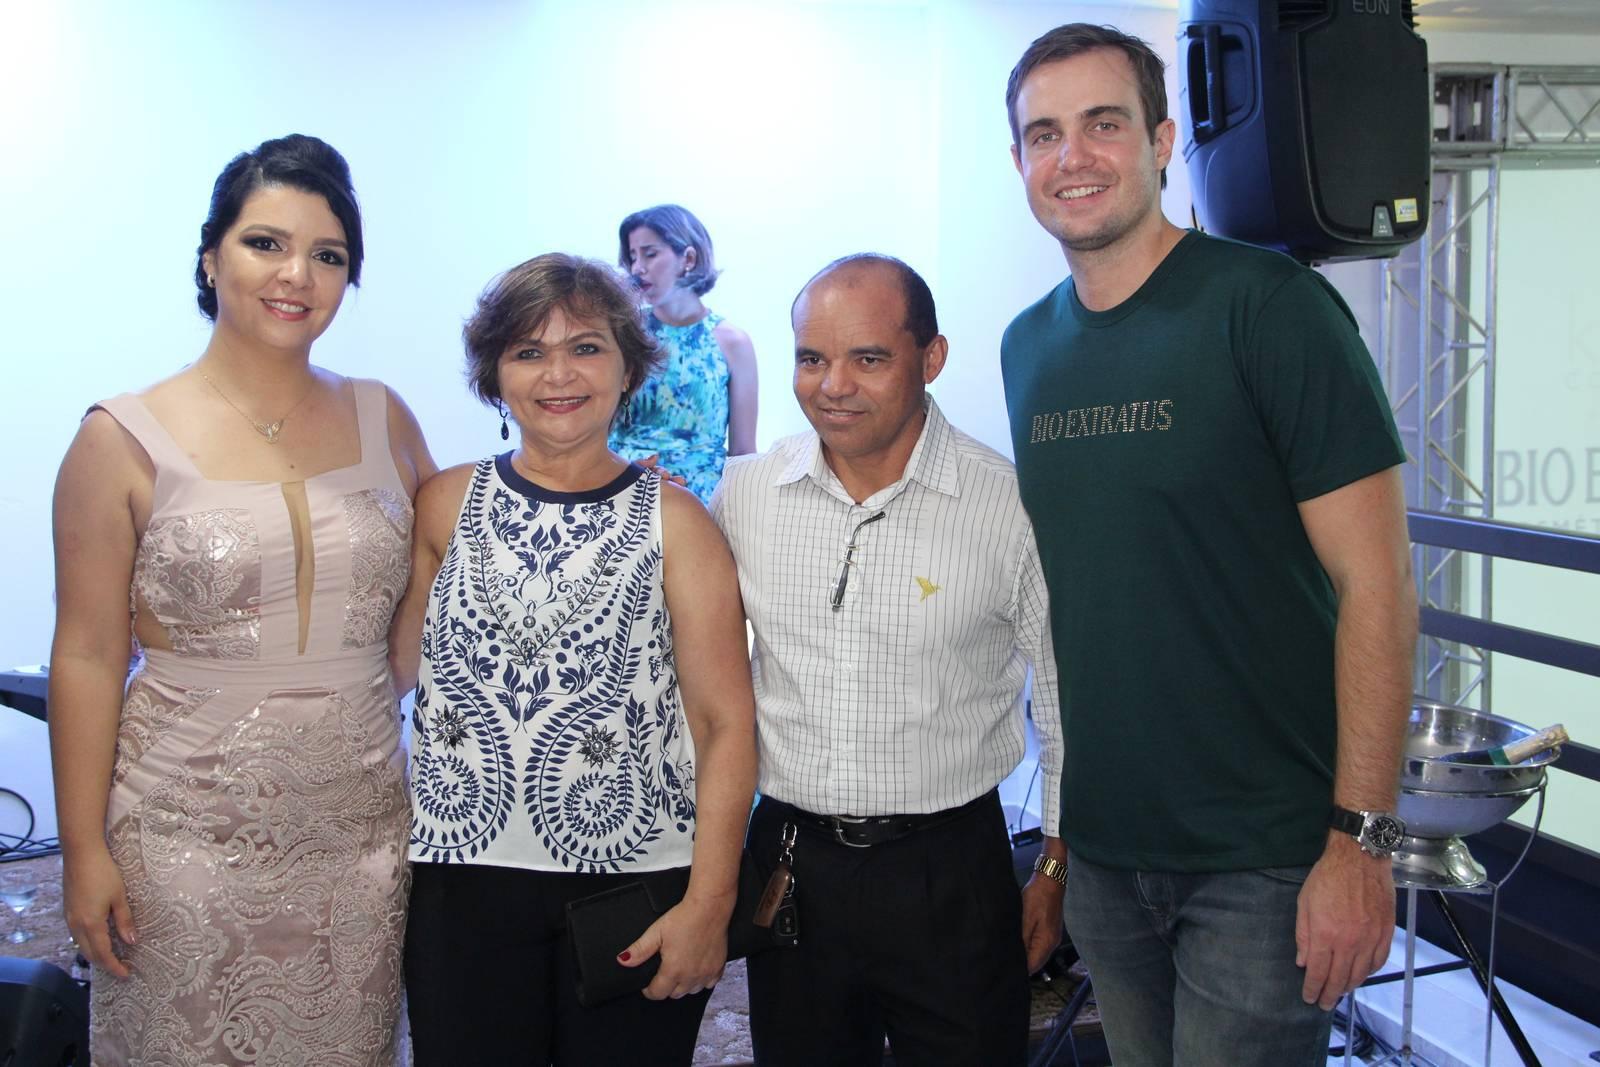 Inauguração da Distribuidora Karla Cosméticos - Bio Extratus (260)